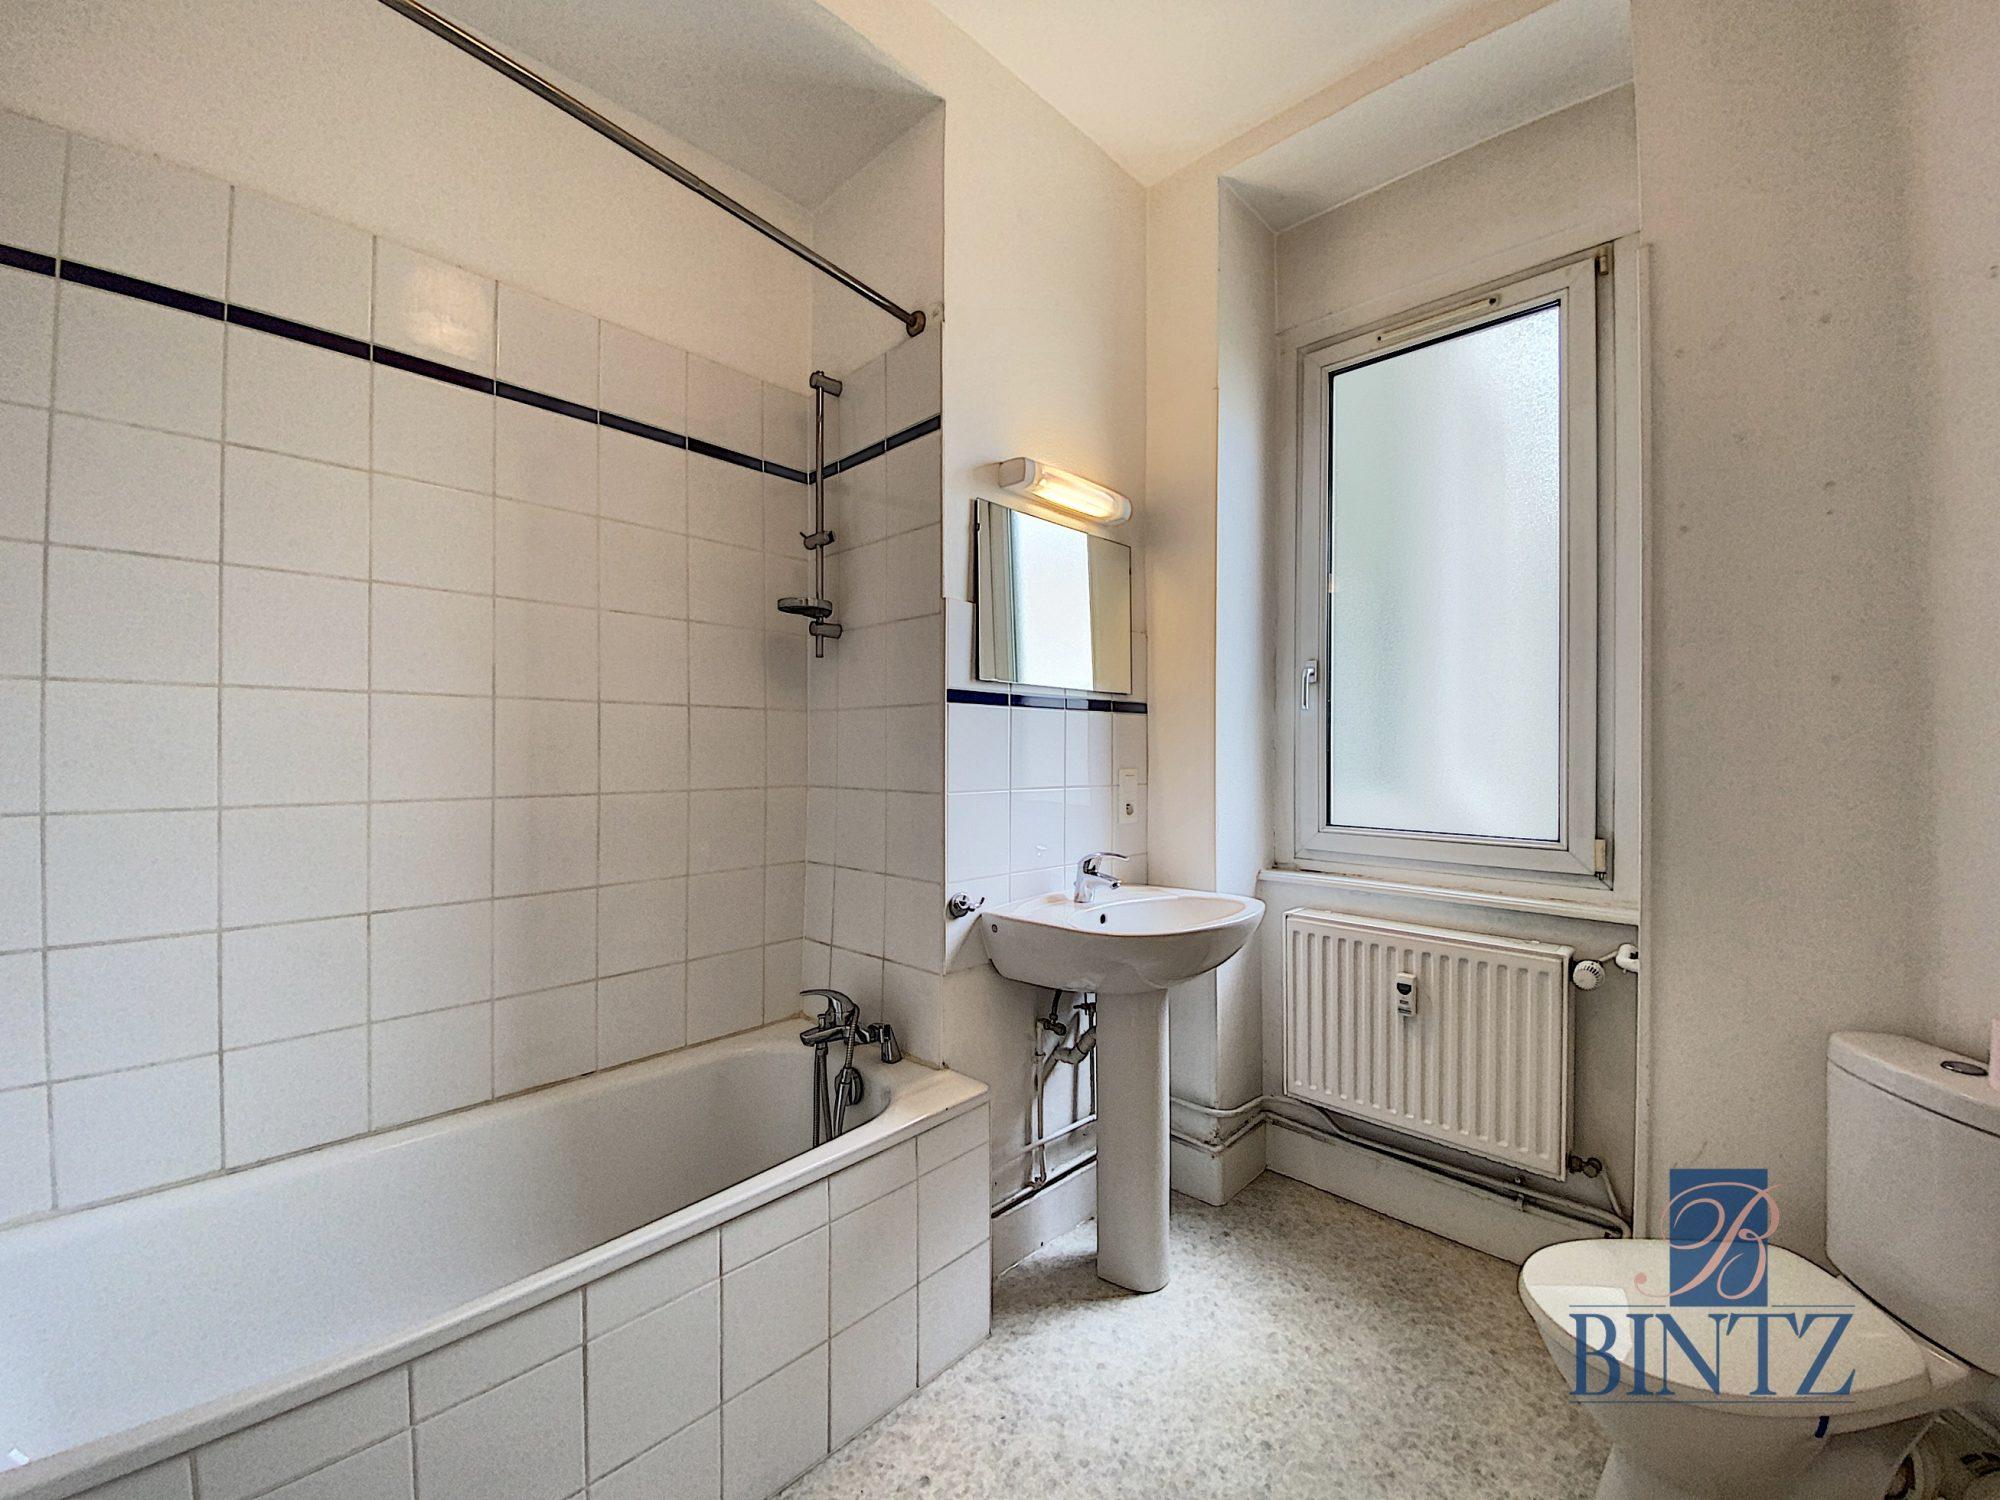 GRAND 2 PIÈCES KRUTENAU - Devenez locataire en toute sérénité - Bintz Immobilier - 9